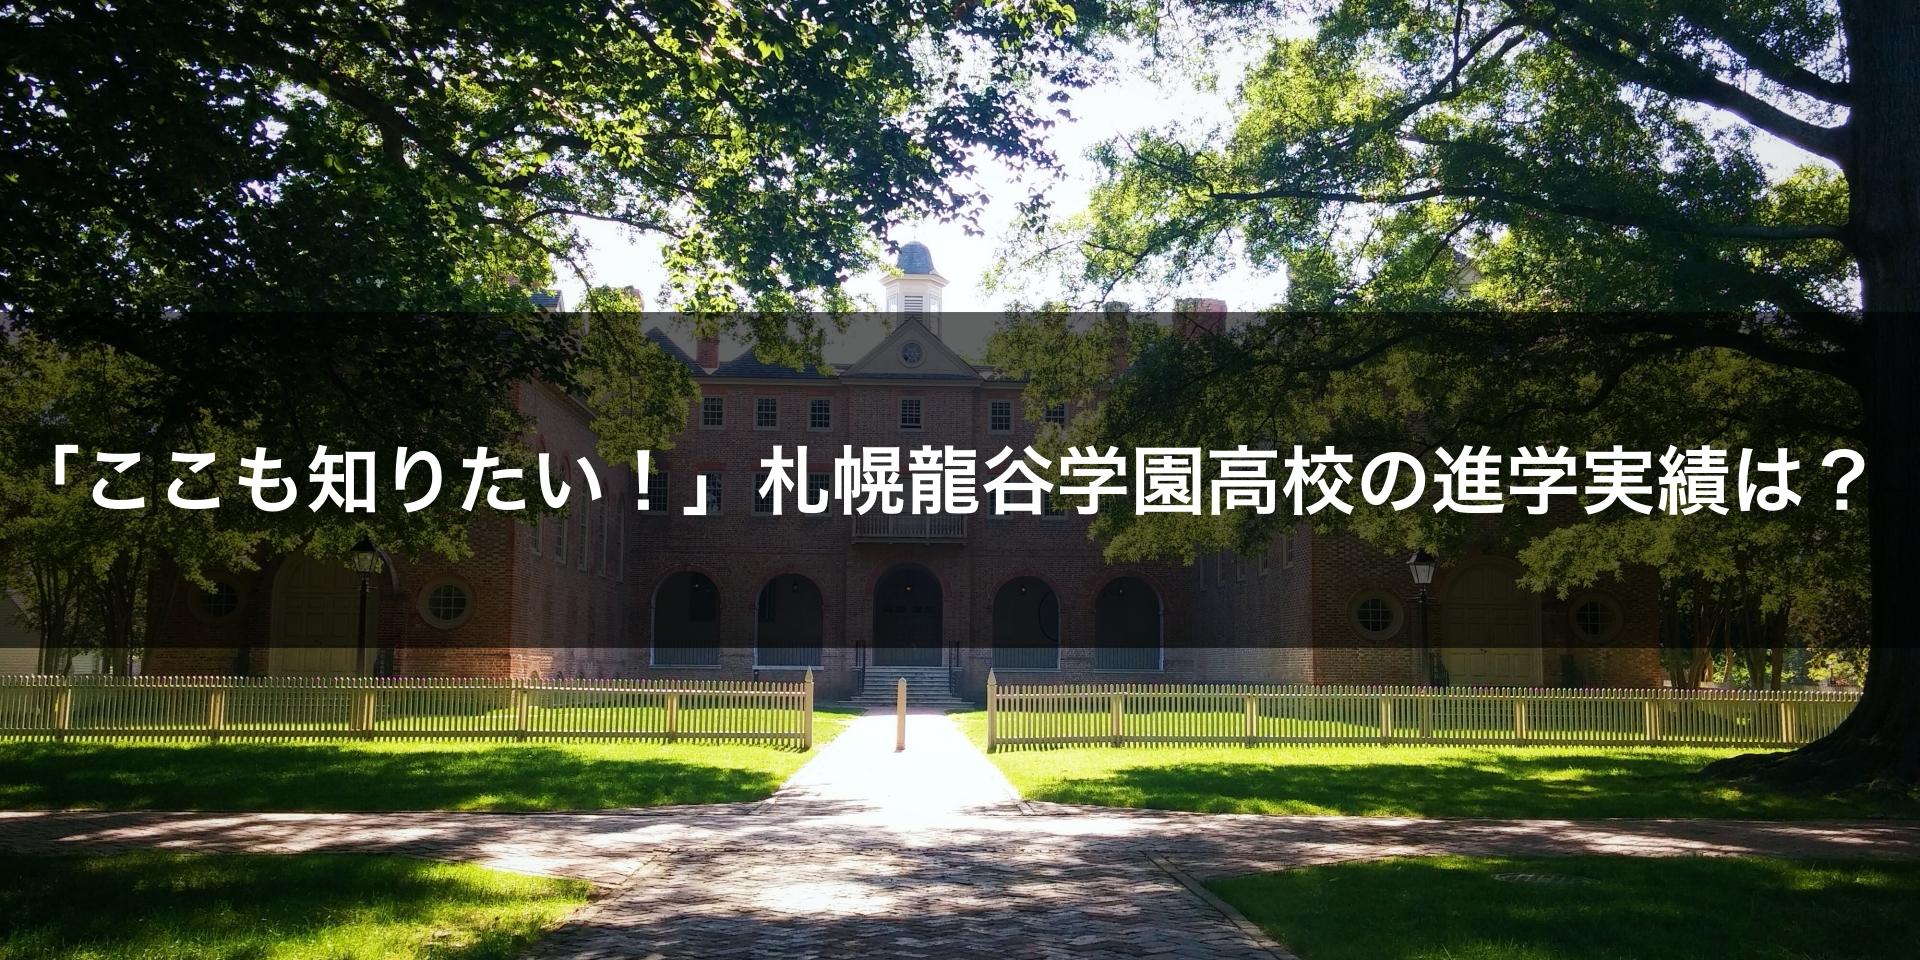 「ここも知りたい!」札幌龍谷学園高校の進学実績は?